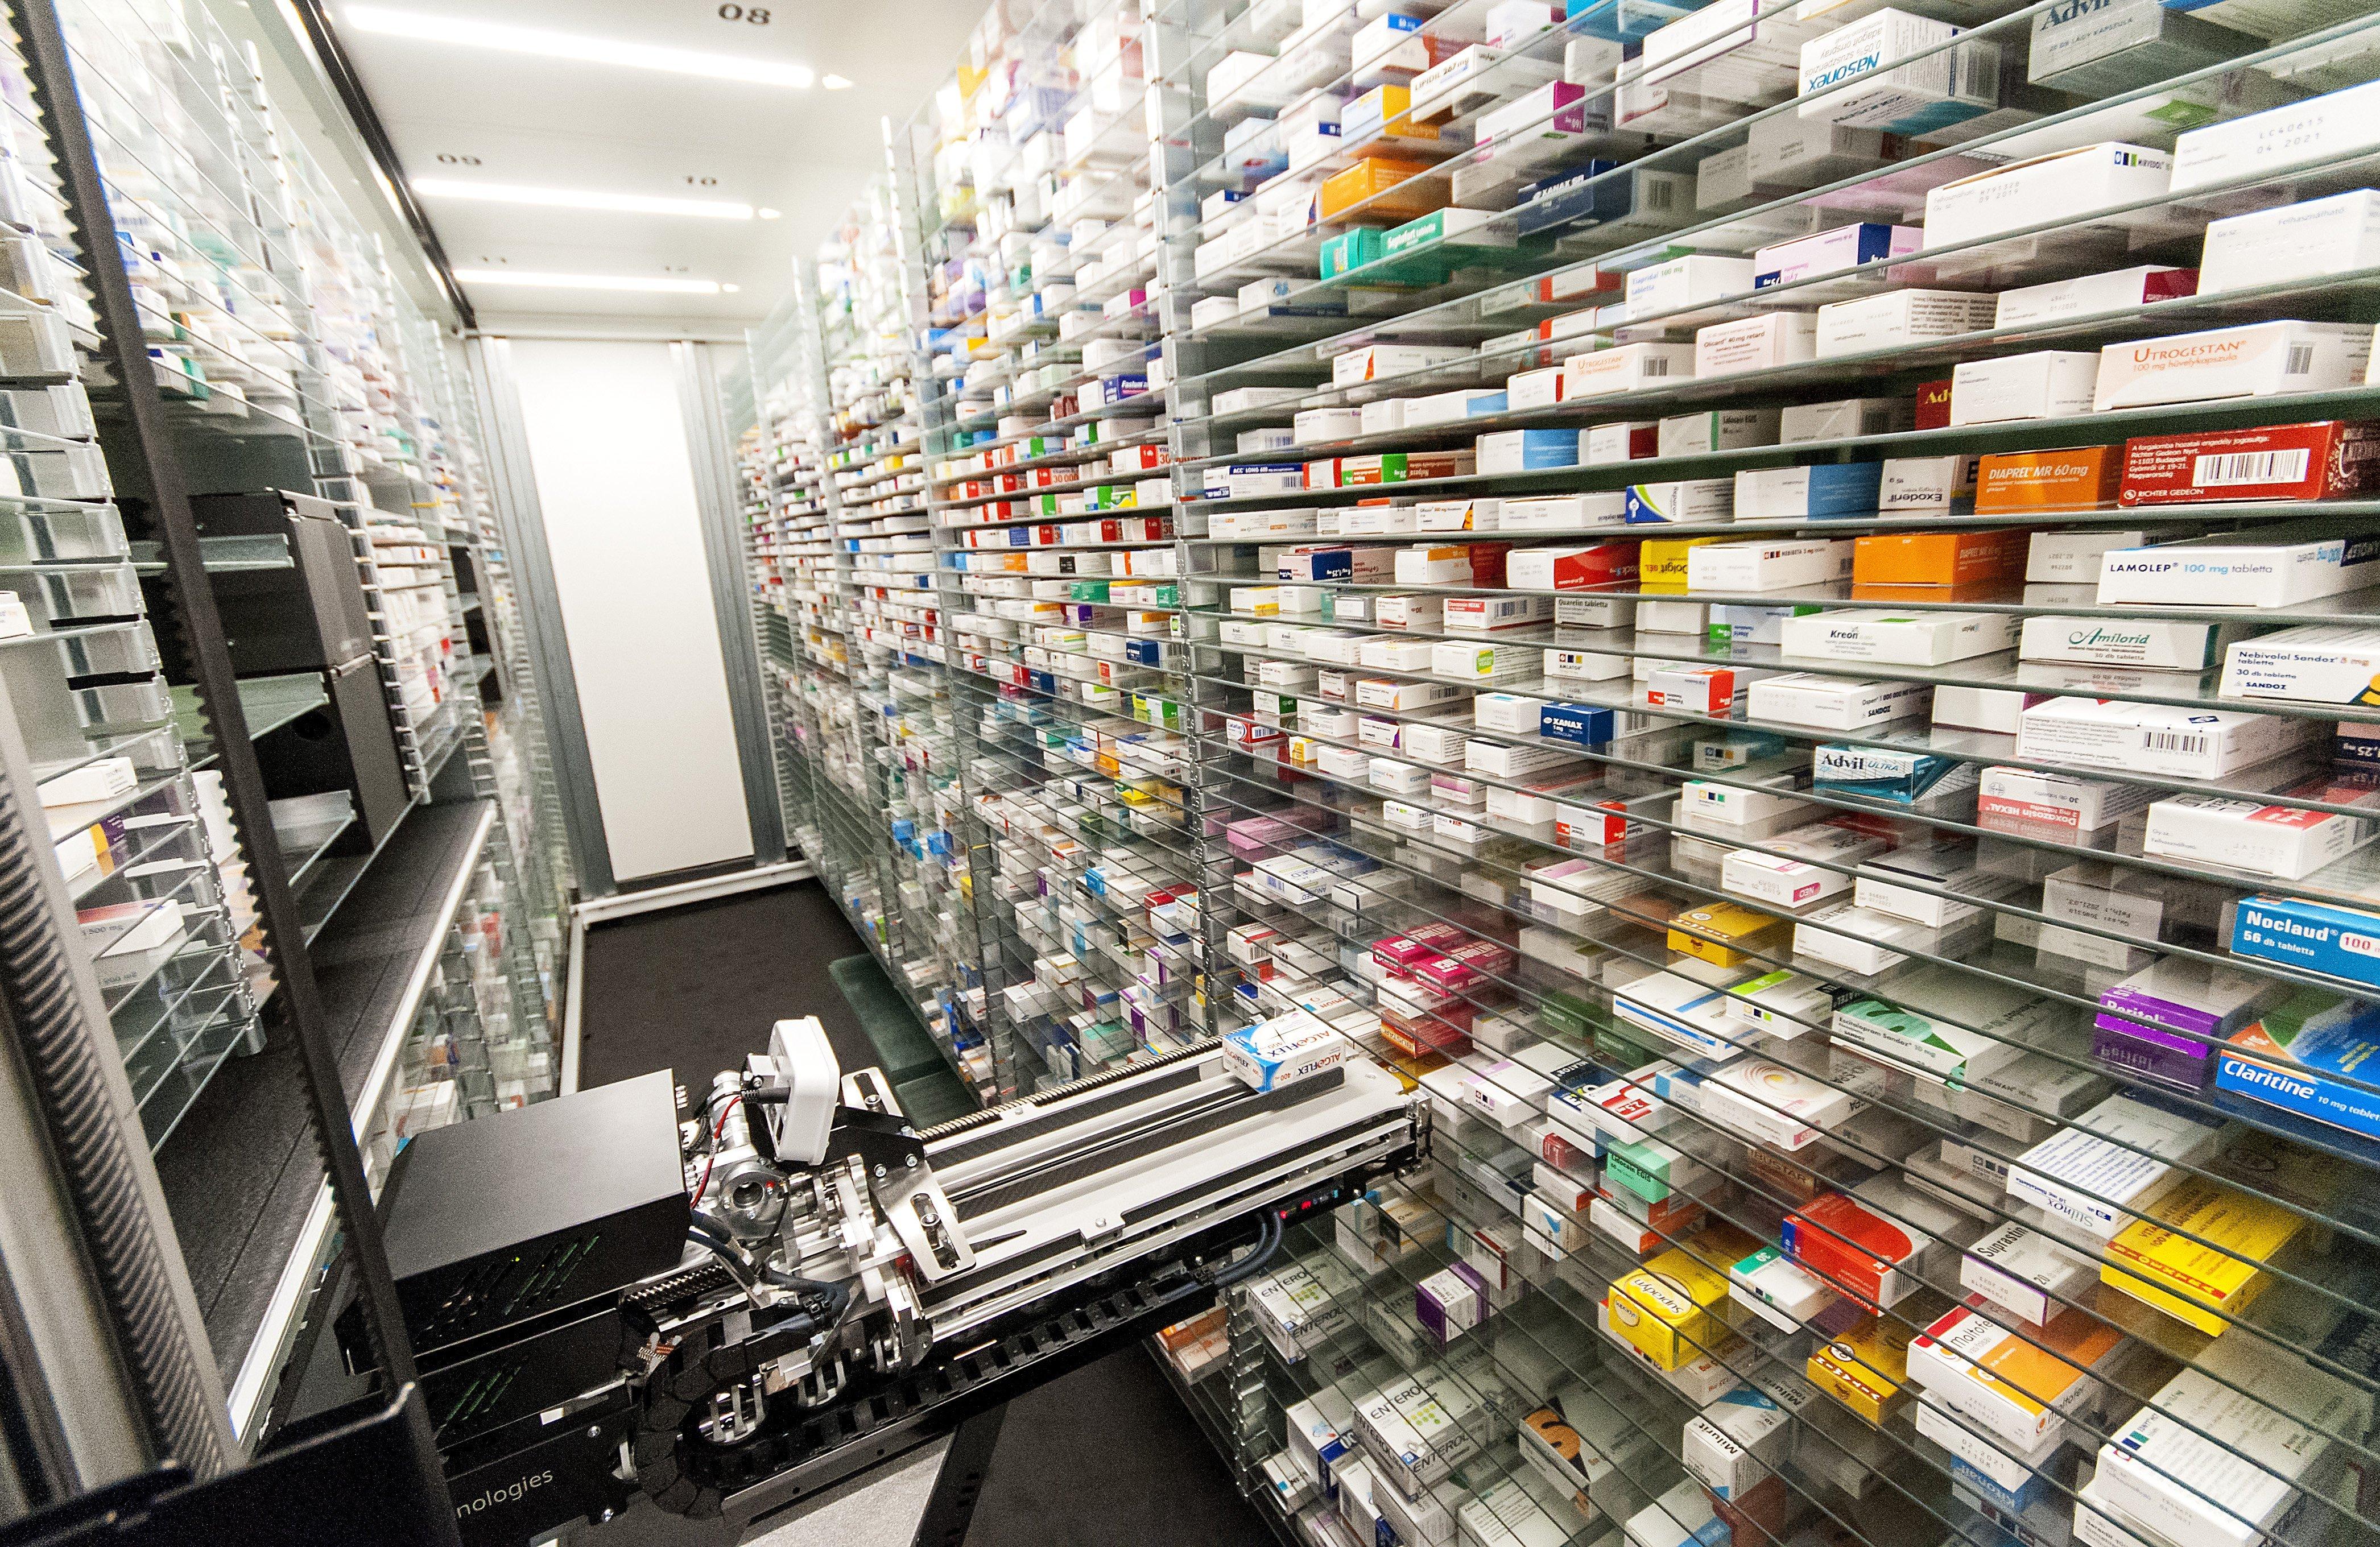 Bezárattak négy vidéki gyógyszertárat, mert összesen 20 ezer doboz receptköteles gyógyszert adtak ki recept nélkül